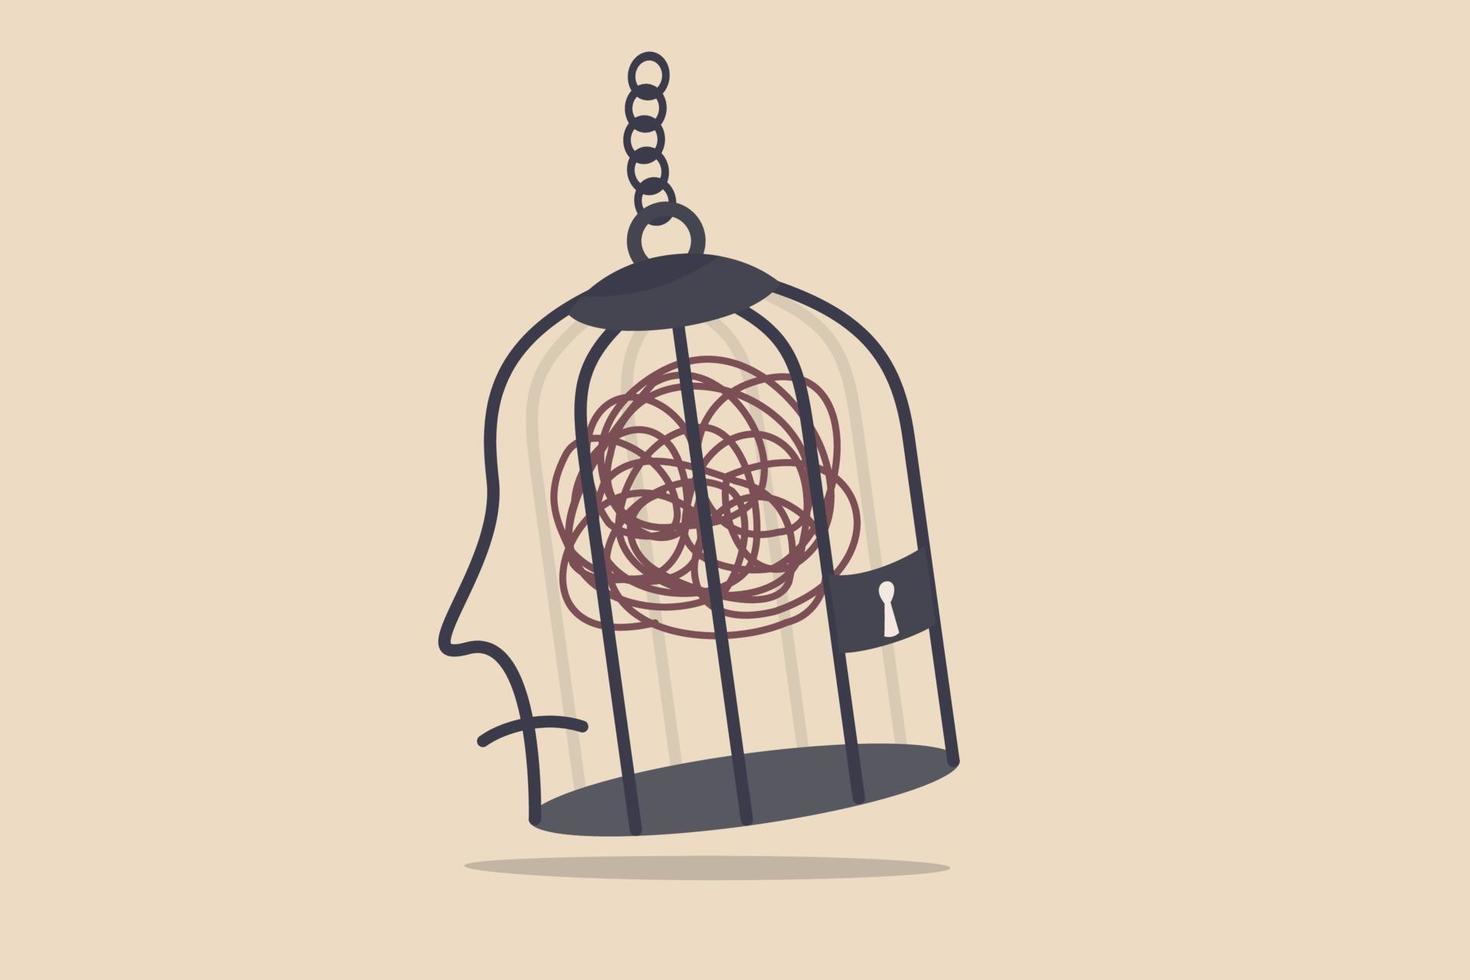 salute mentale, stress e ansia da lavoro, depressione o ossessione nel concetto del cervello umano vettore